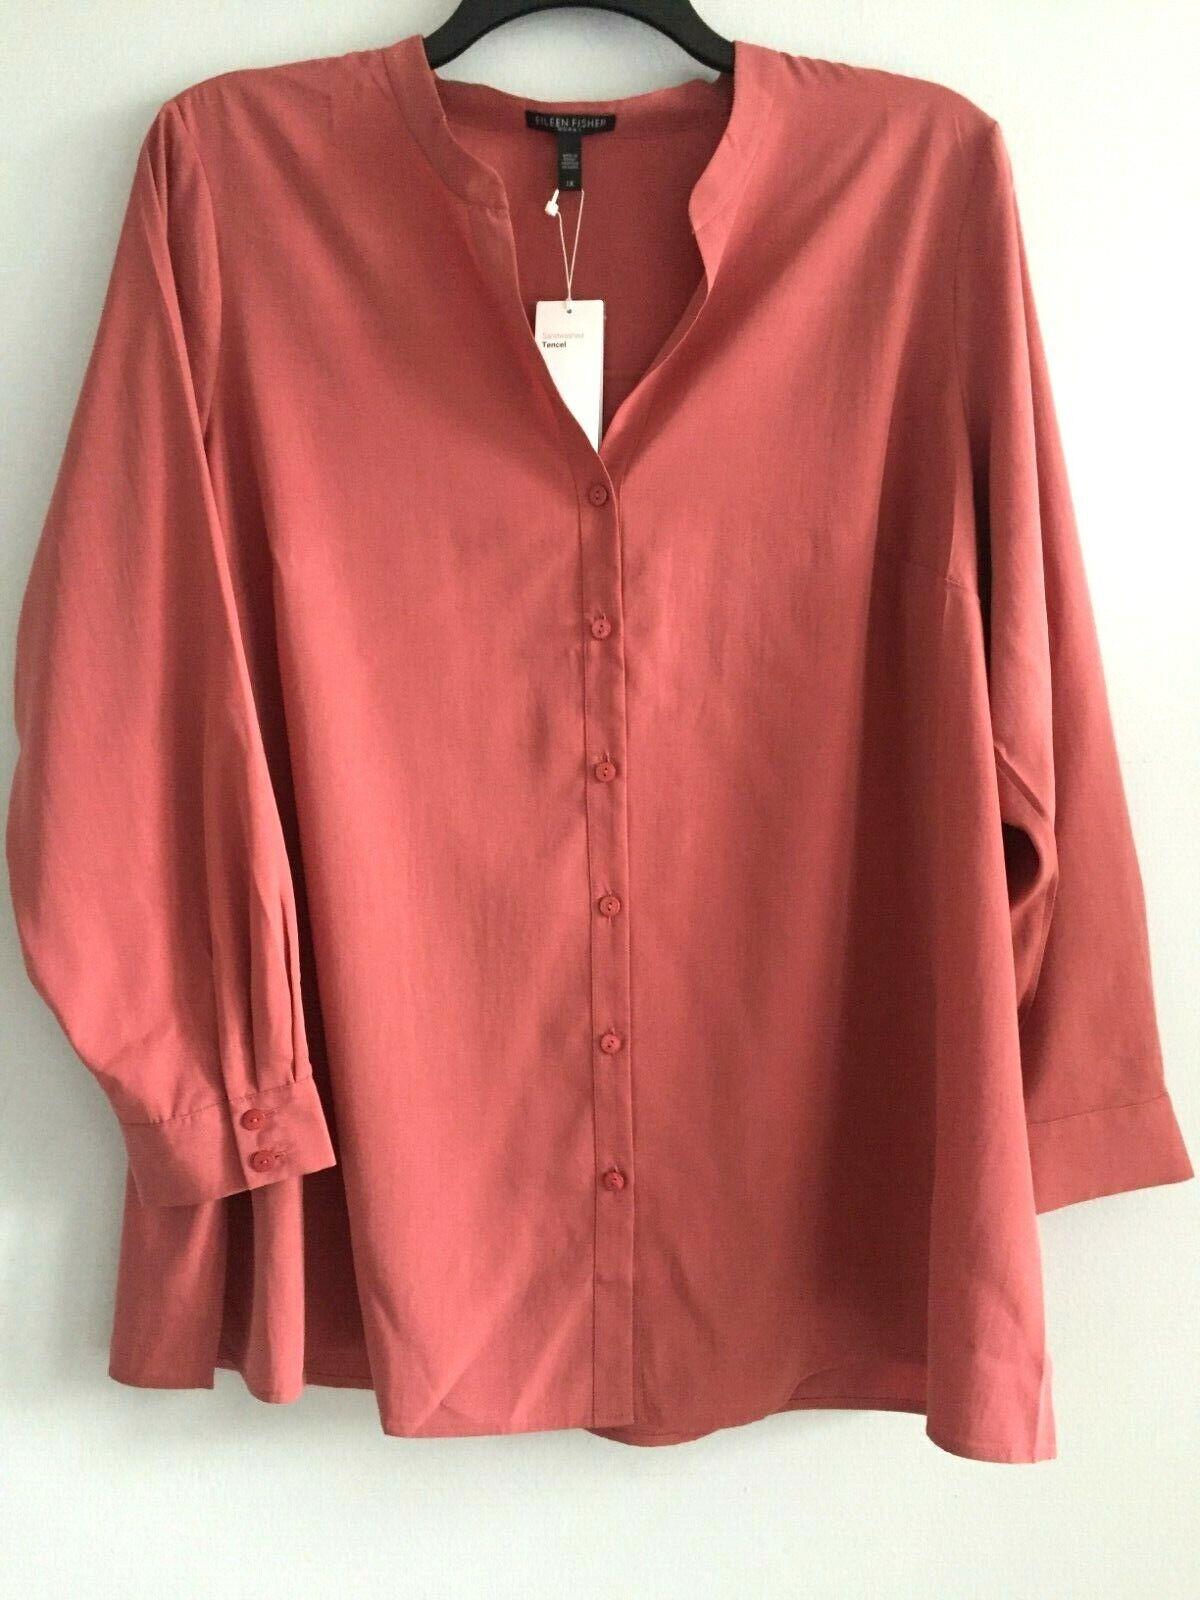 Nuevo con etiquetas  Eileen Fisher Chutney sandwashed Tencel Con Cuello Camisa Top 1X 2X 3X  ahorre 60% de descuento